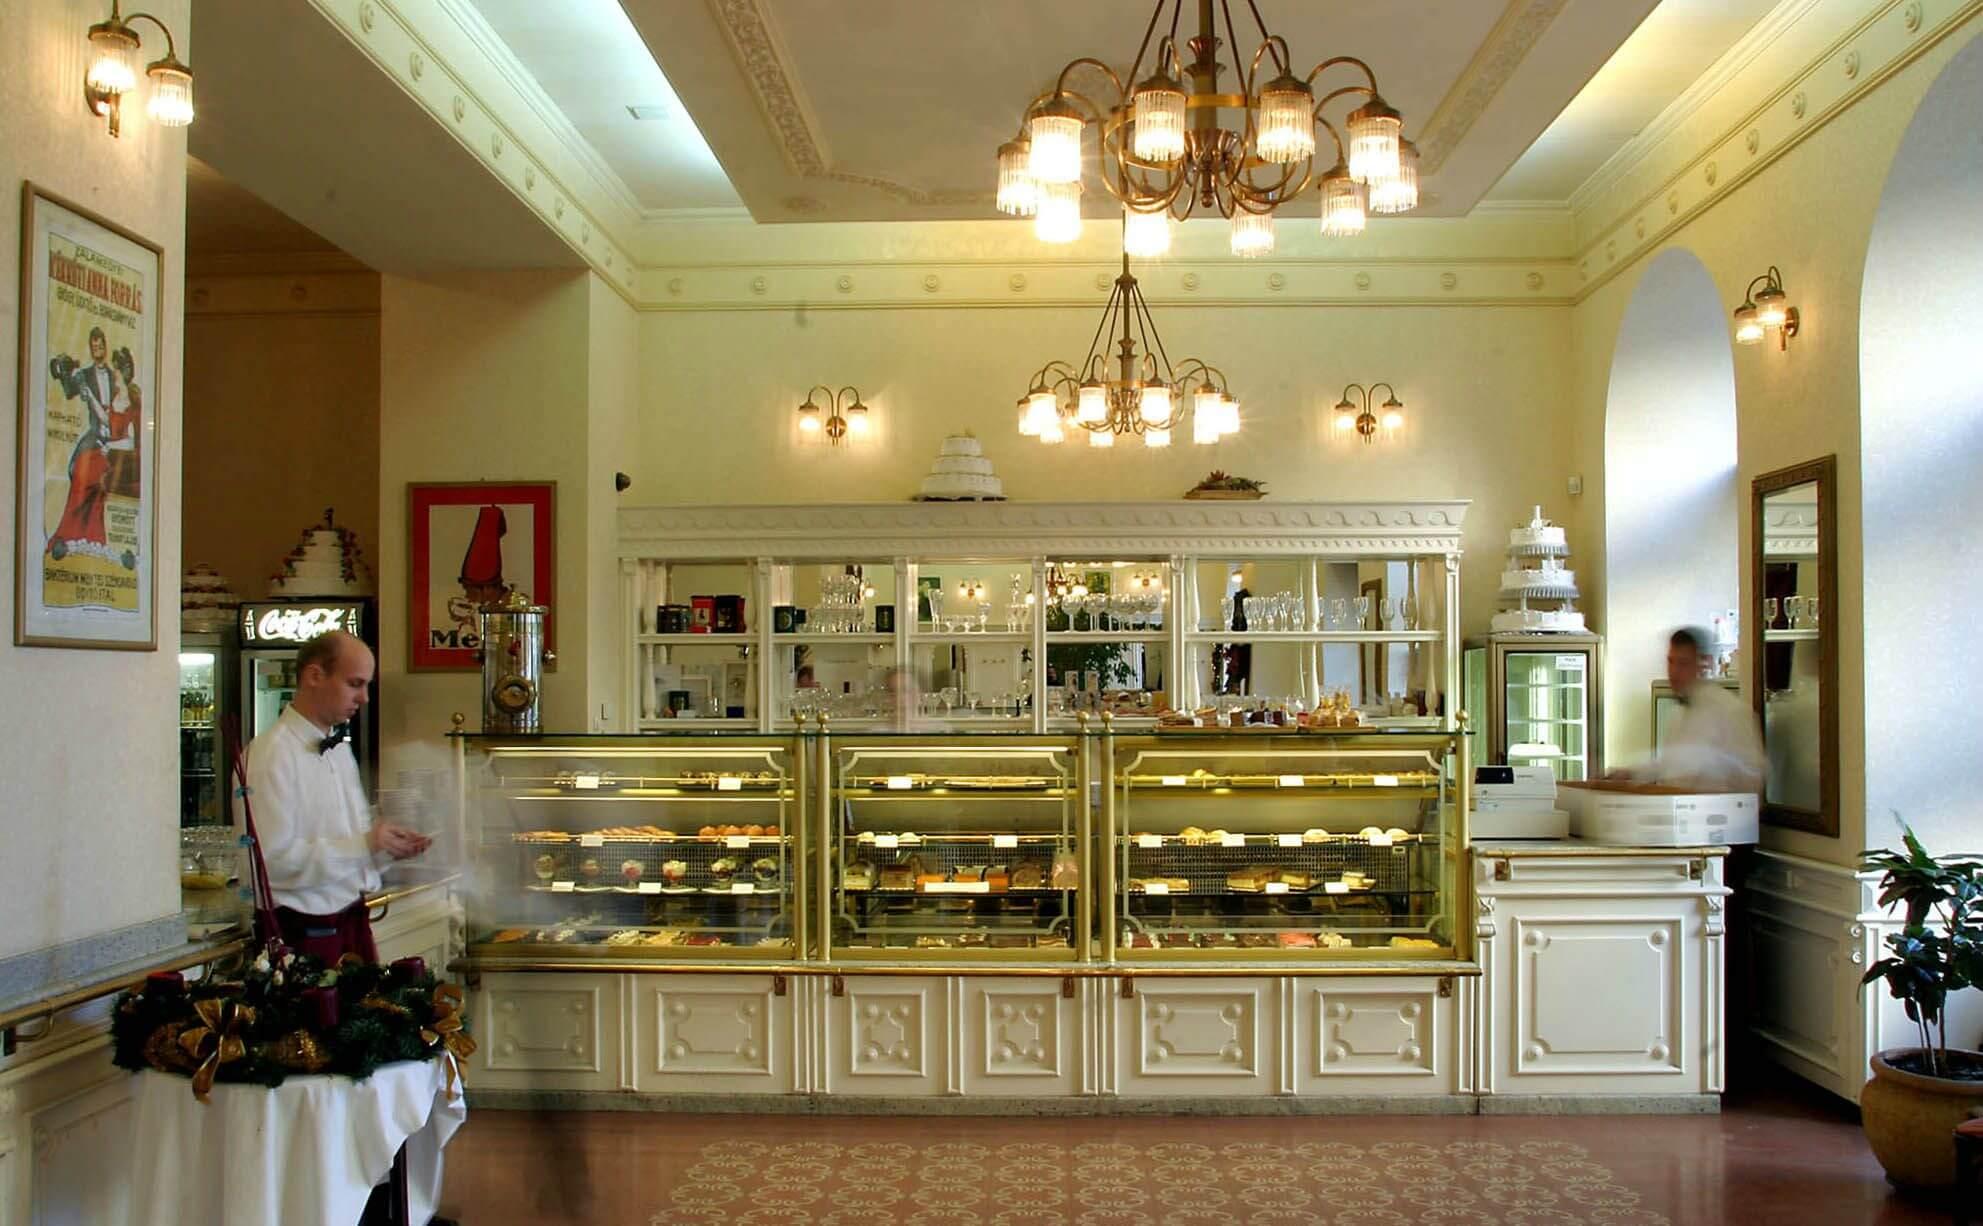 Hauer Cukrászda Budapest קונדיטוריית האואר בודפשט עוגות וקפה